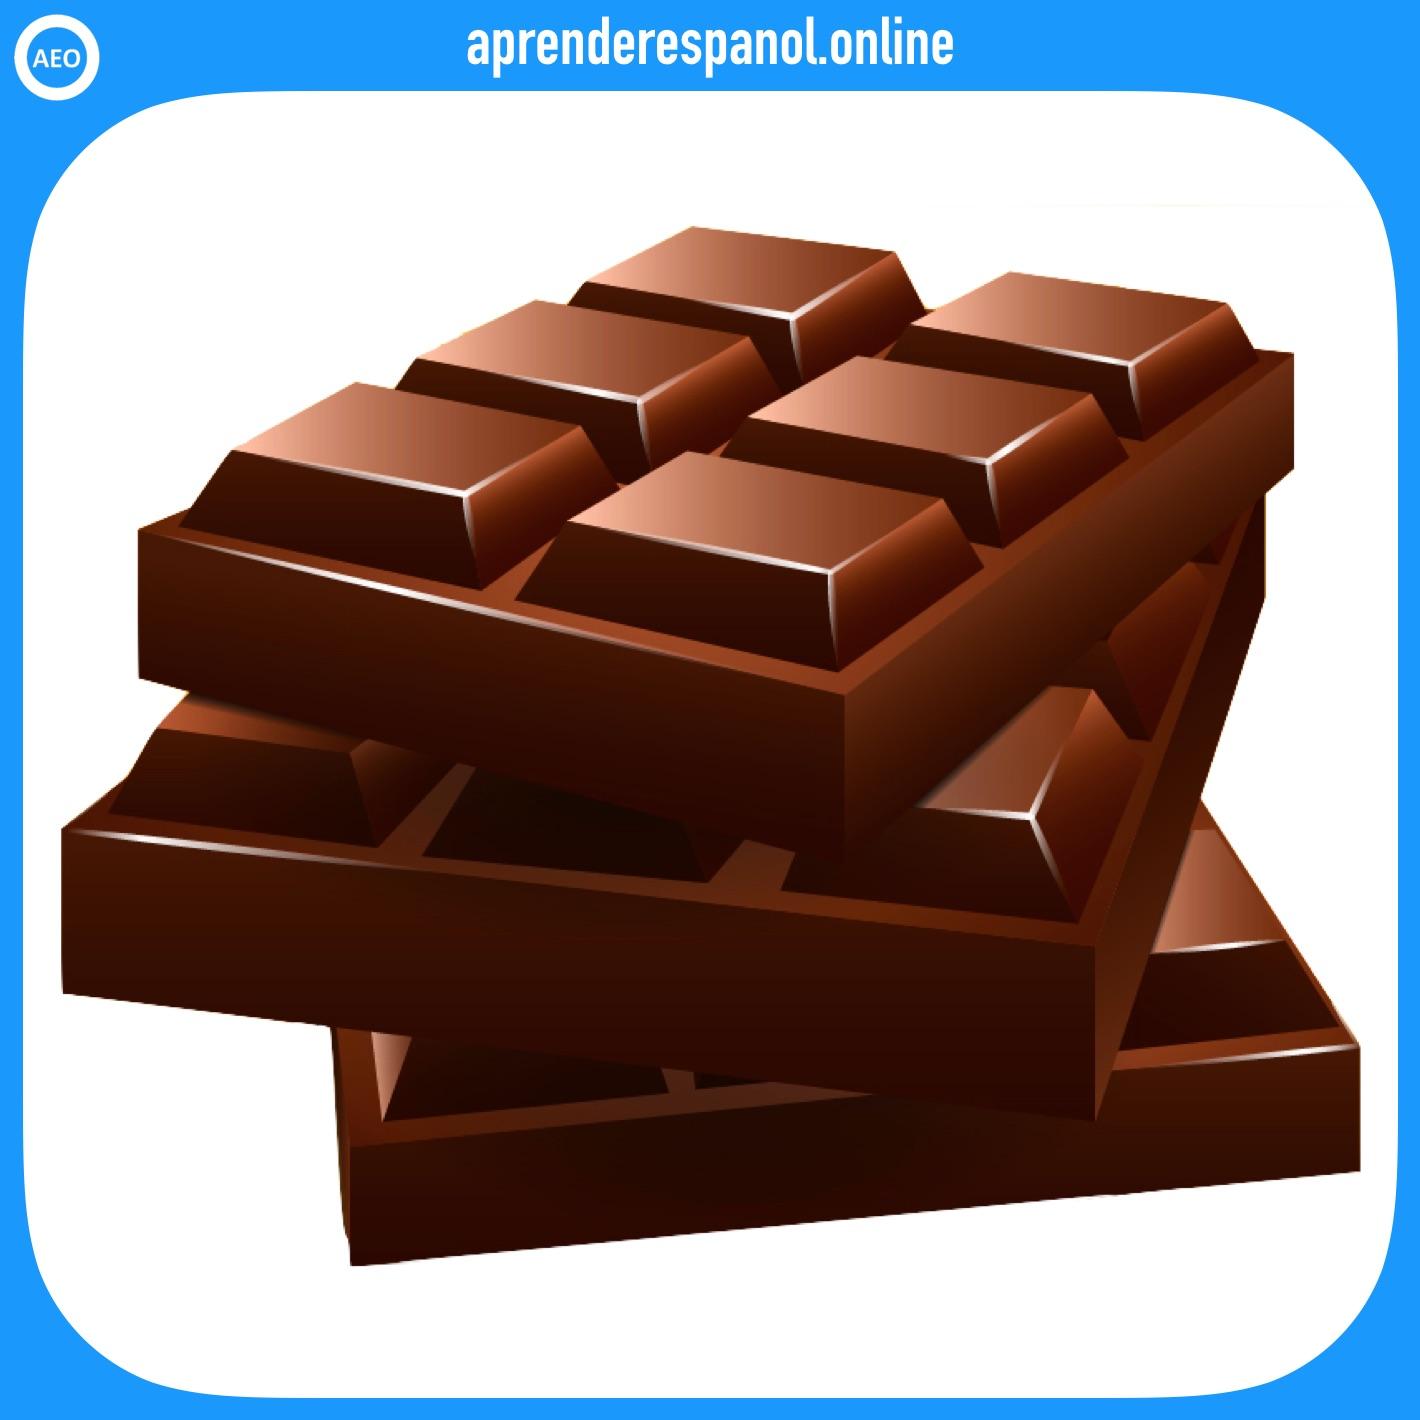 Ejemplo de colores: El chocolate es de color marrón - Vocabulario de colores